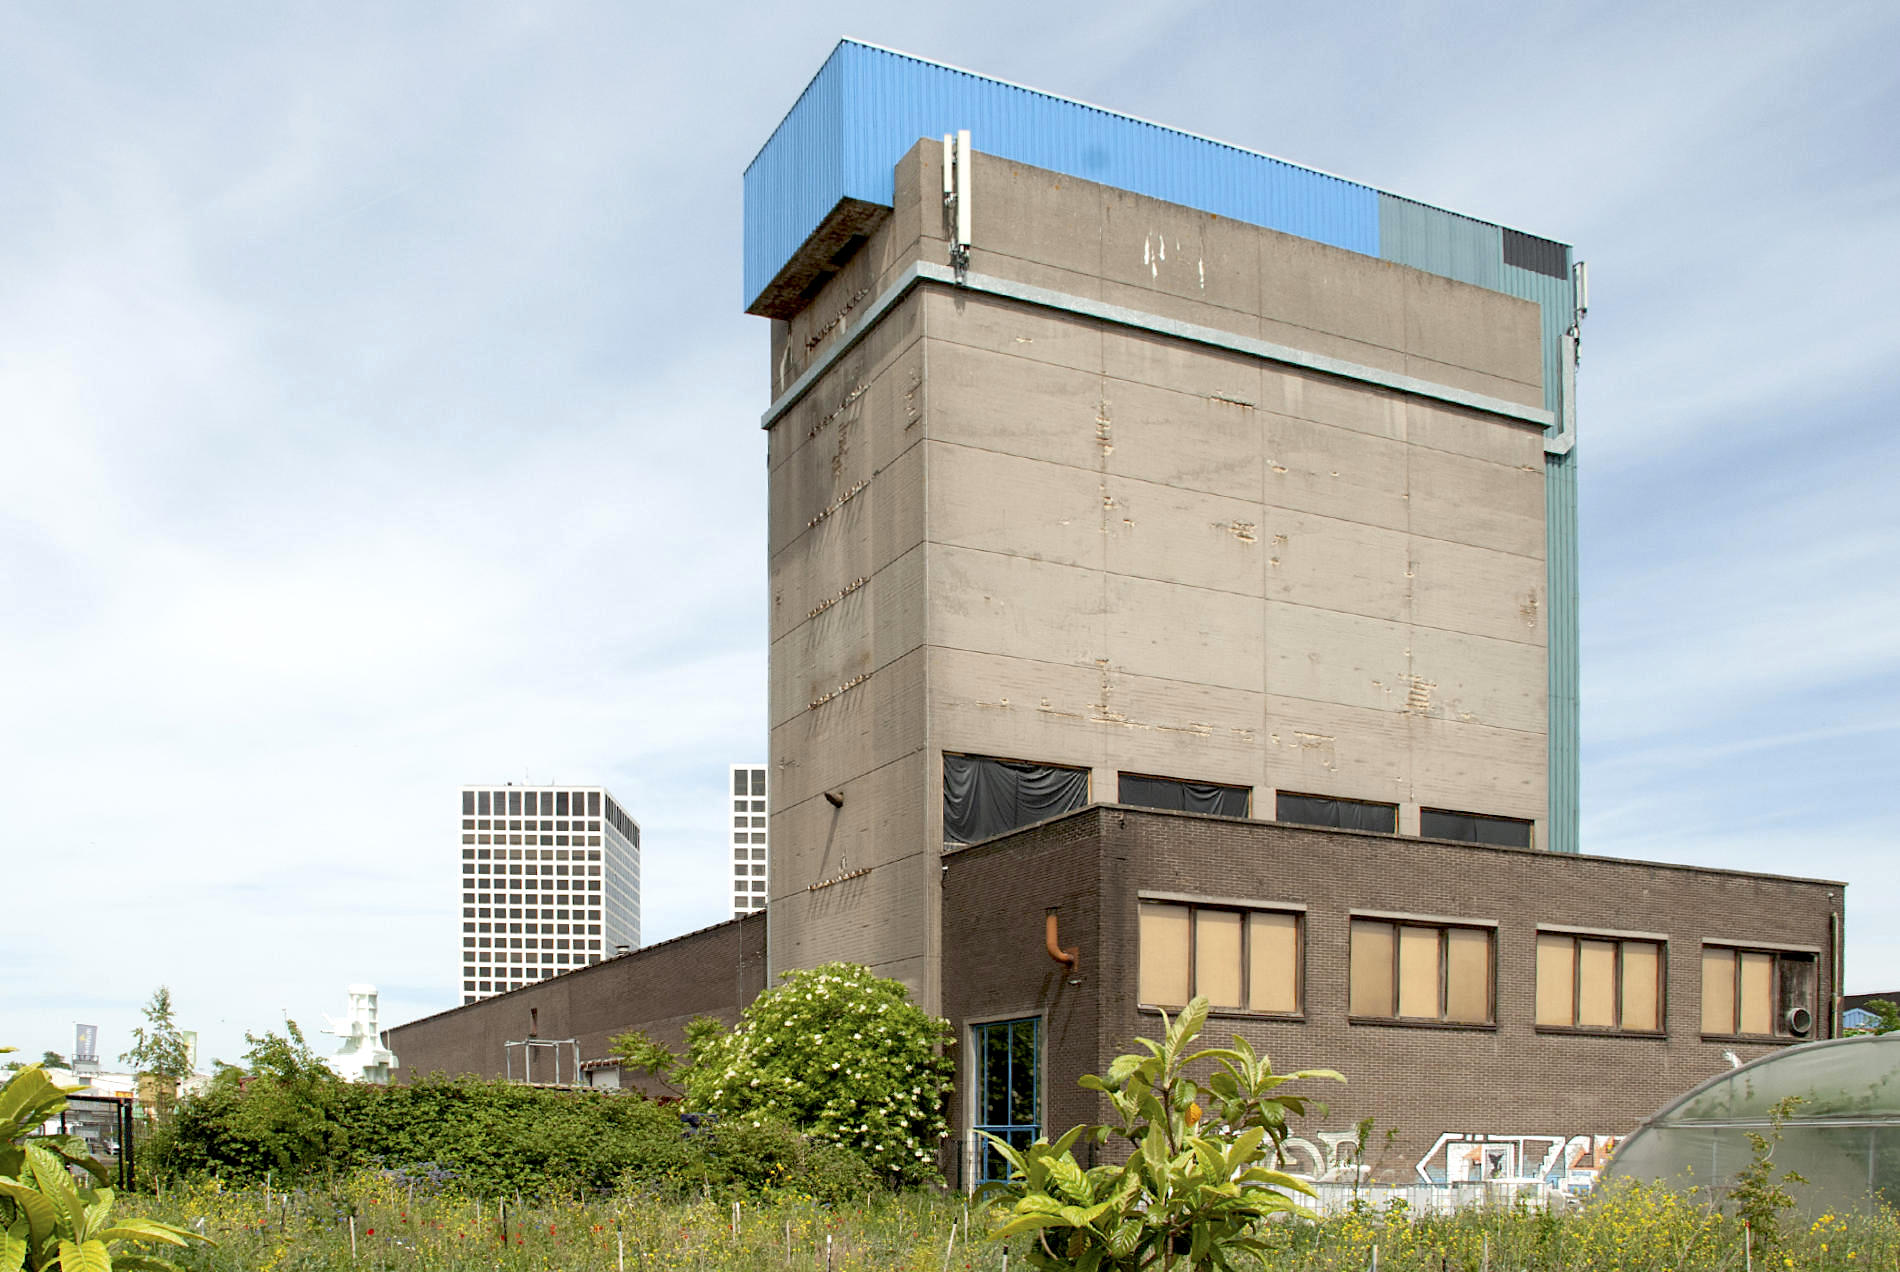 The Brutus. Ein altes Industriegebäude dient dem Atelier Van Lieshout als großzügige Werkstatt inklusive Ausstellungsfläche. Genau dieses Gebäude soll zum Komplex The Brutus erweitert werden.